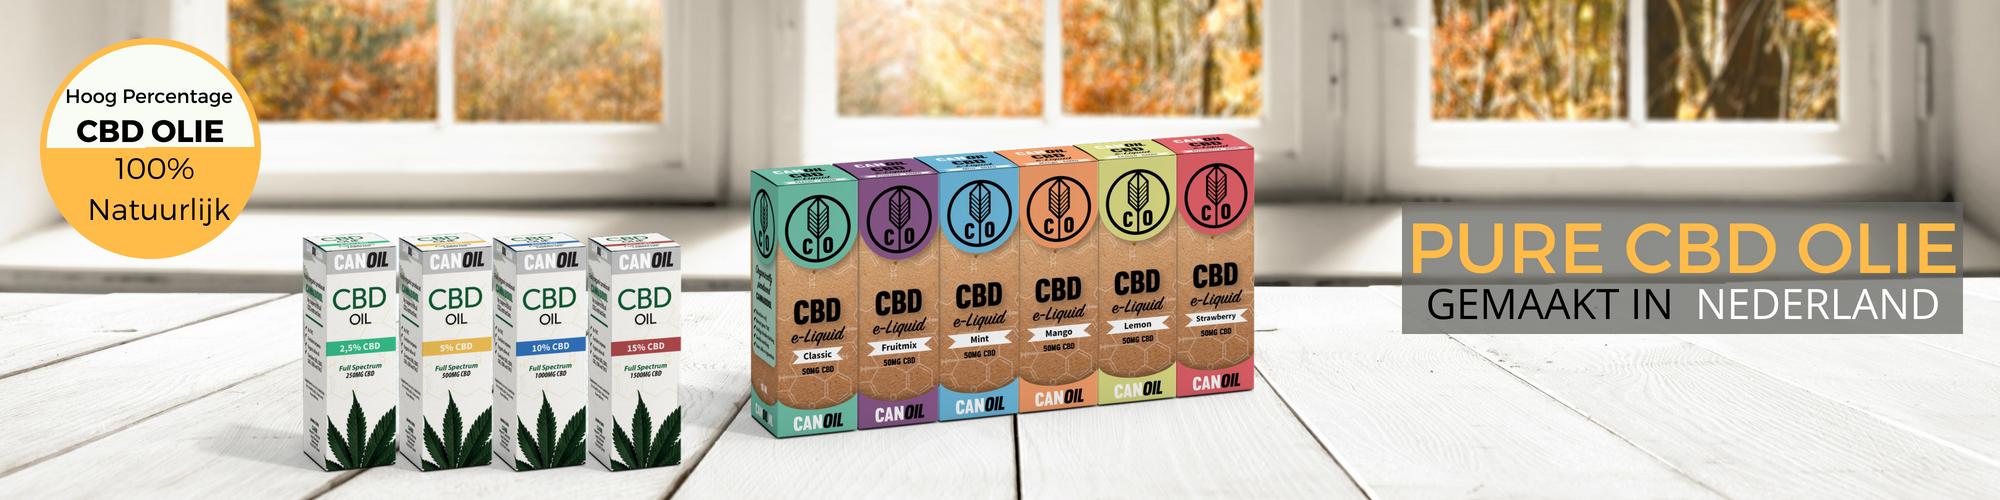 CBD Groothandel in CBD E-liquids en Nederlands geproduceerd banner 2